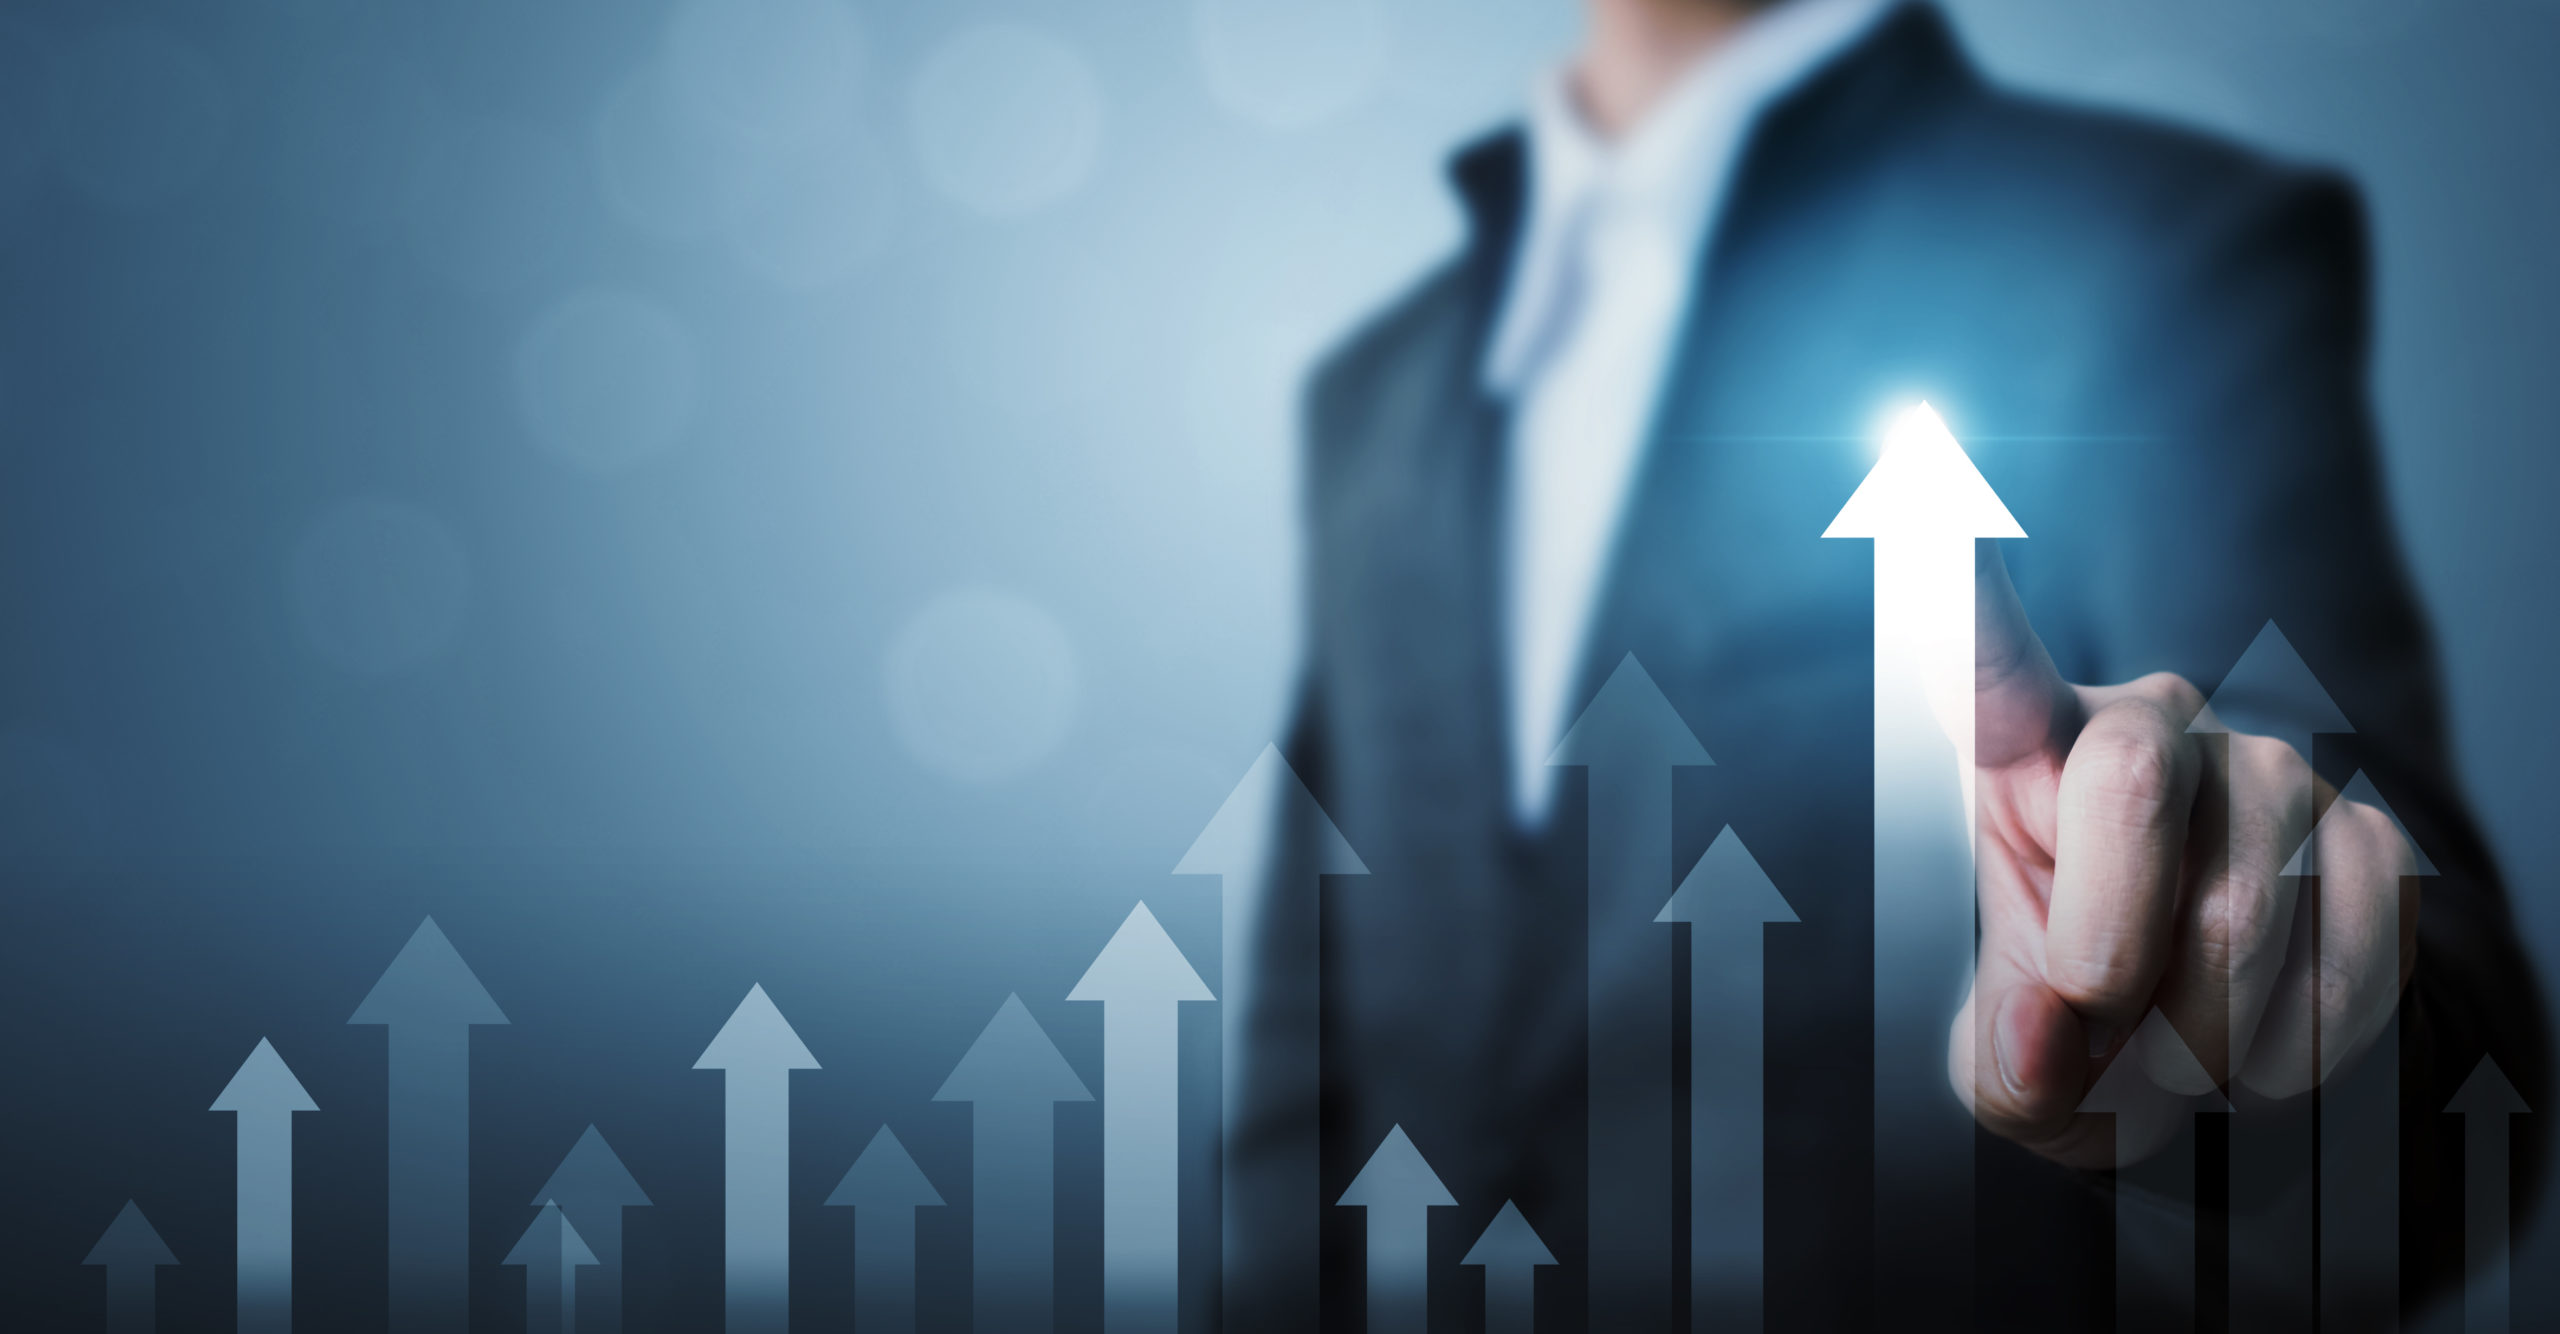 Wertschöpfung und steigende Erfolgsaussichten für die Zukunft